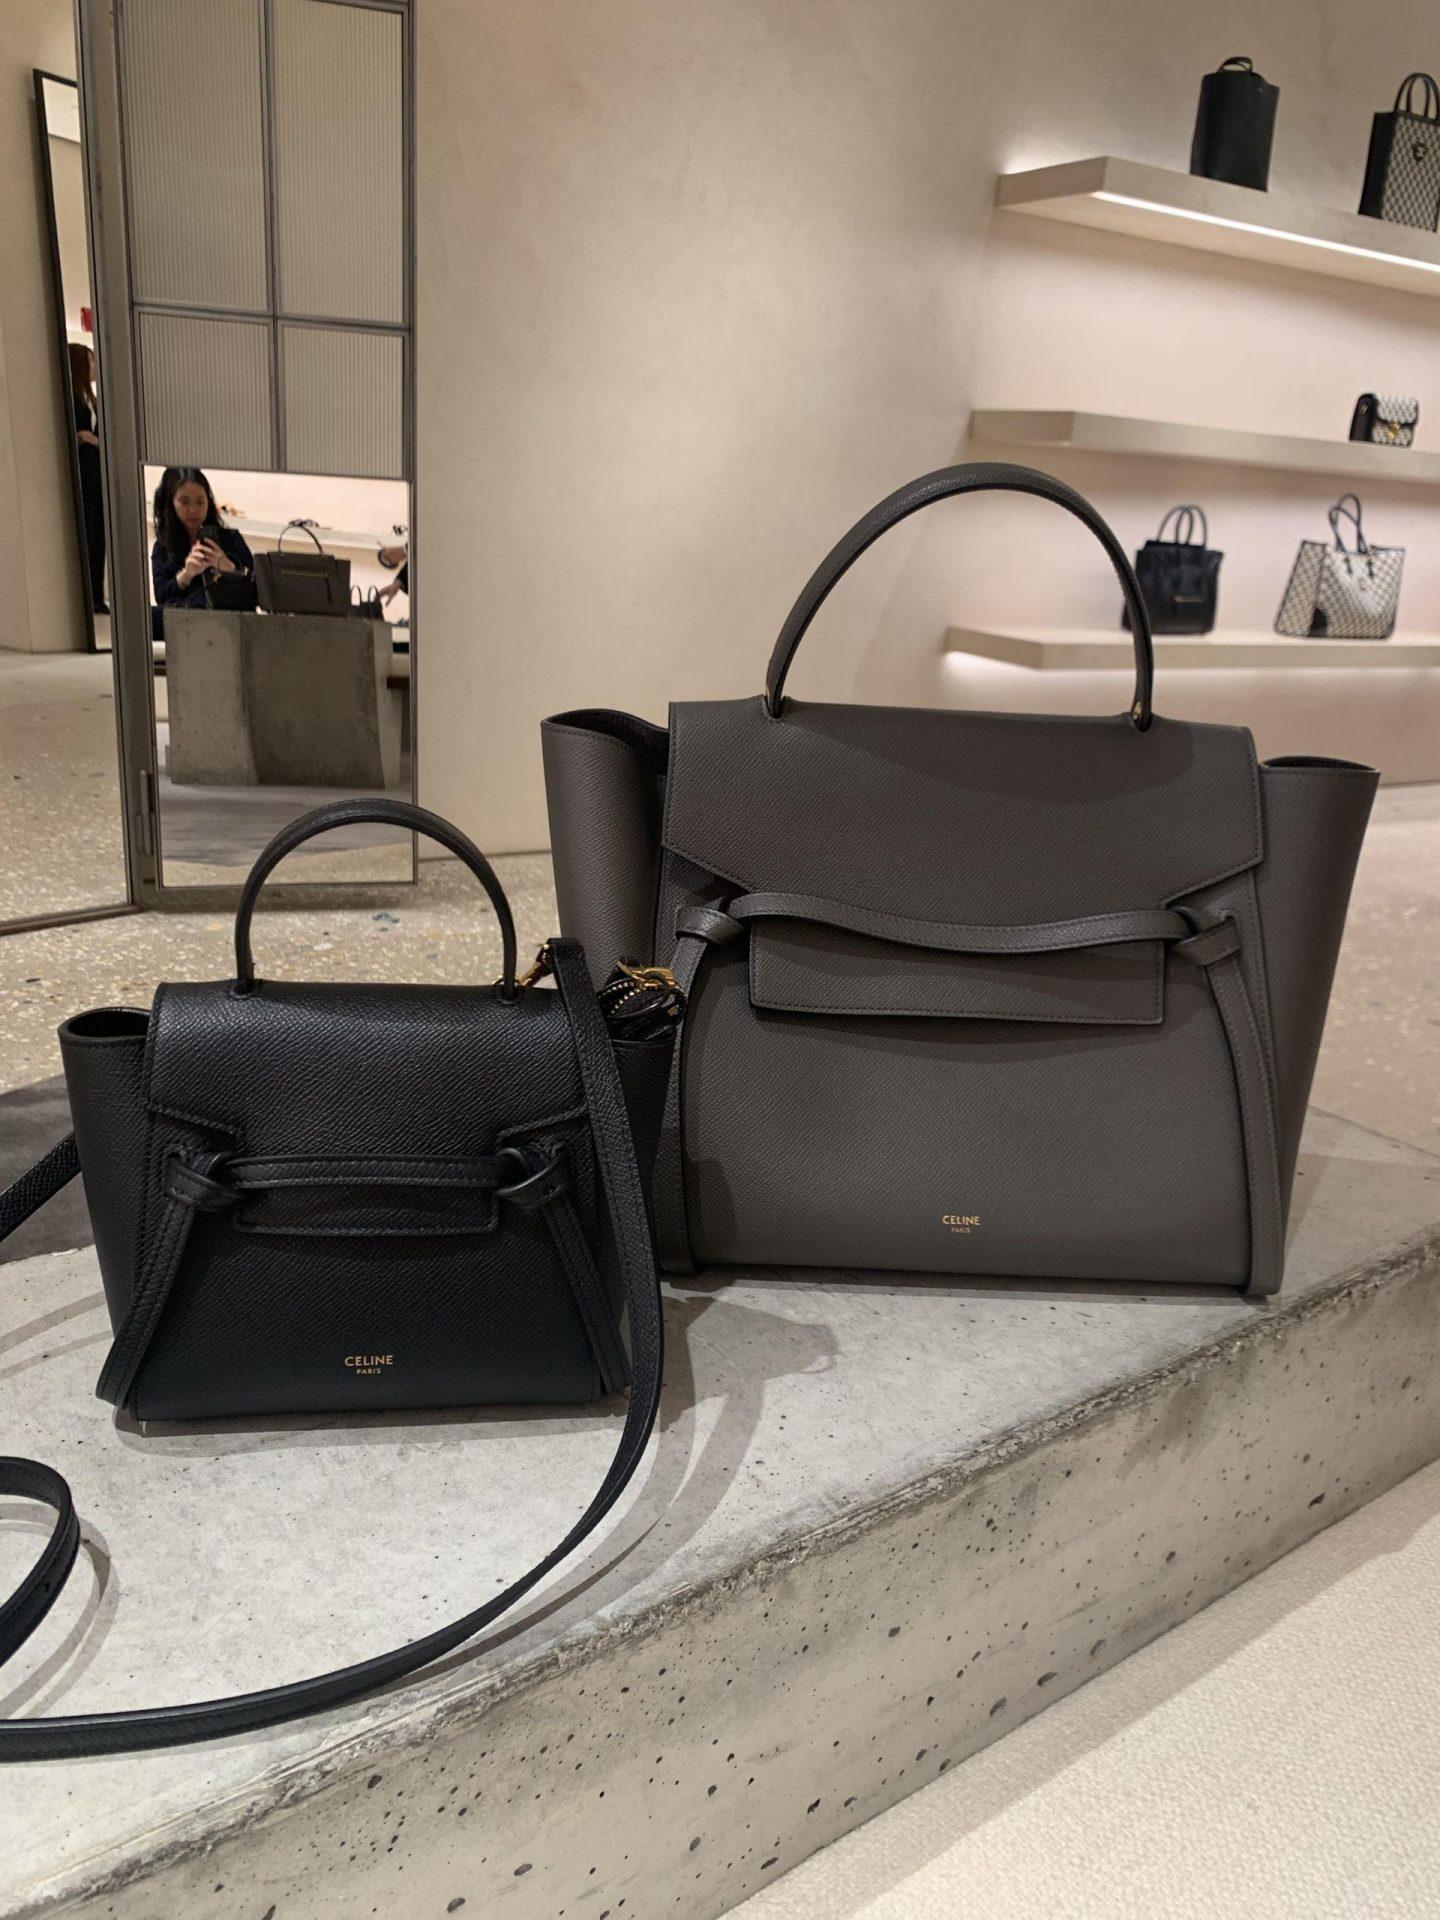 celine pico belt bag next to celine mini belt bag